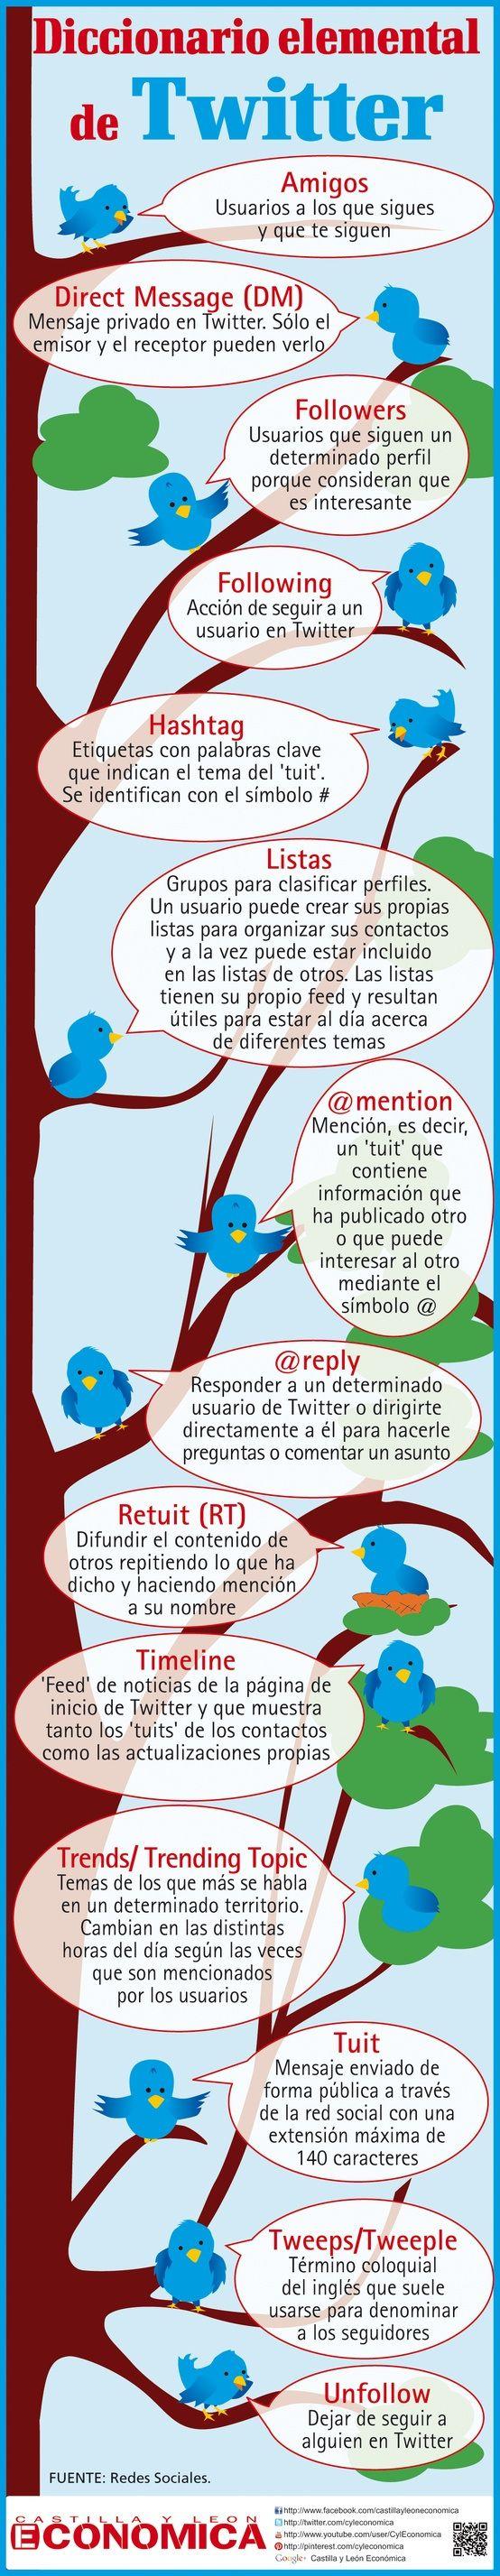 #Infografía con un Diccionario elemental de #TWITTER